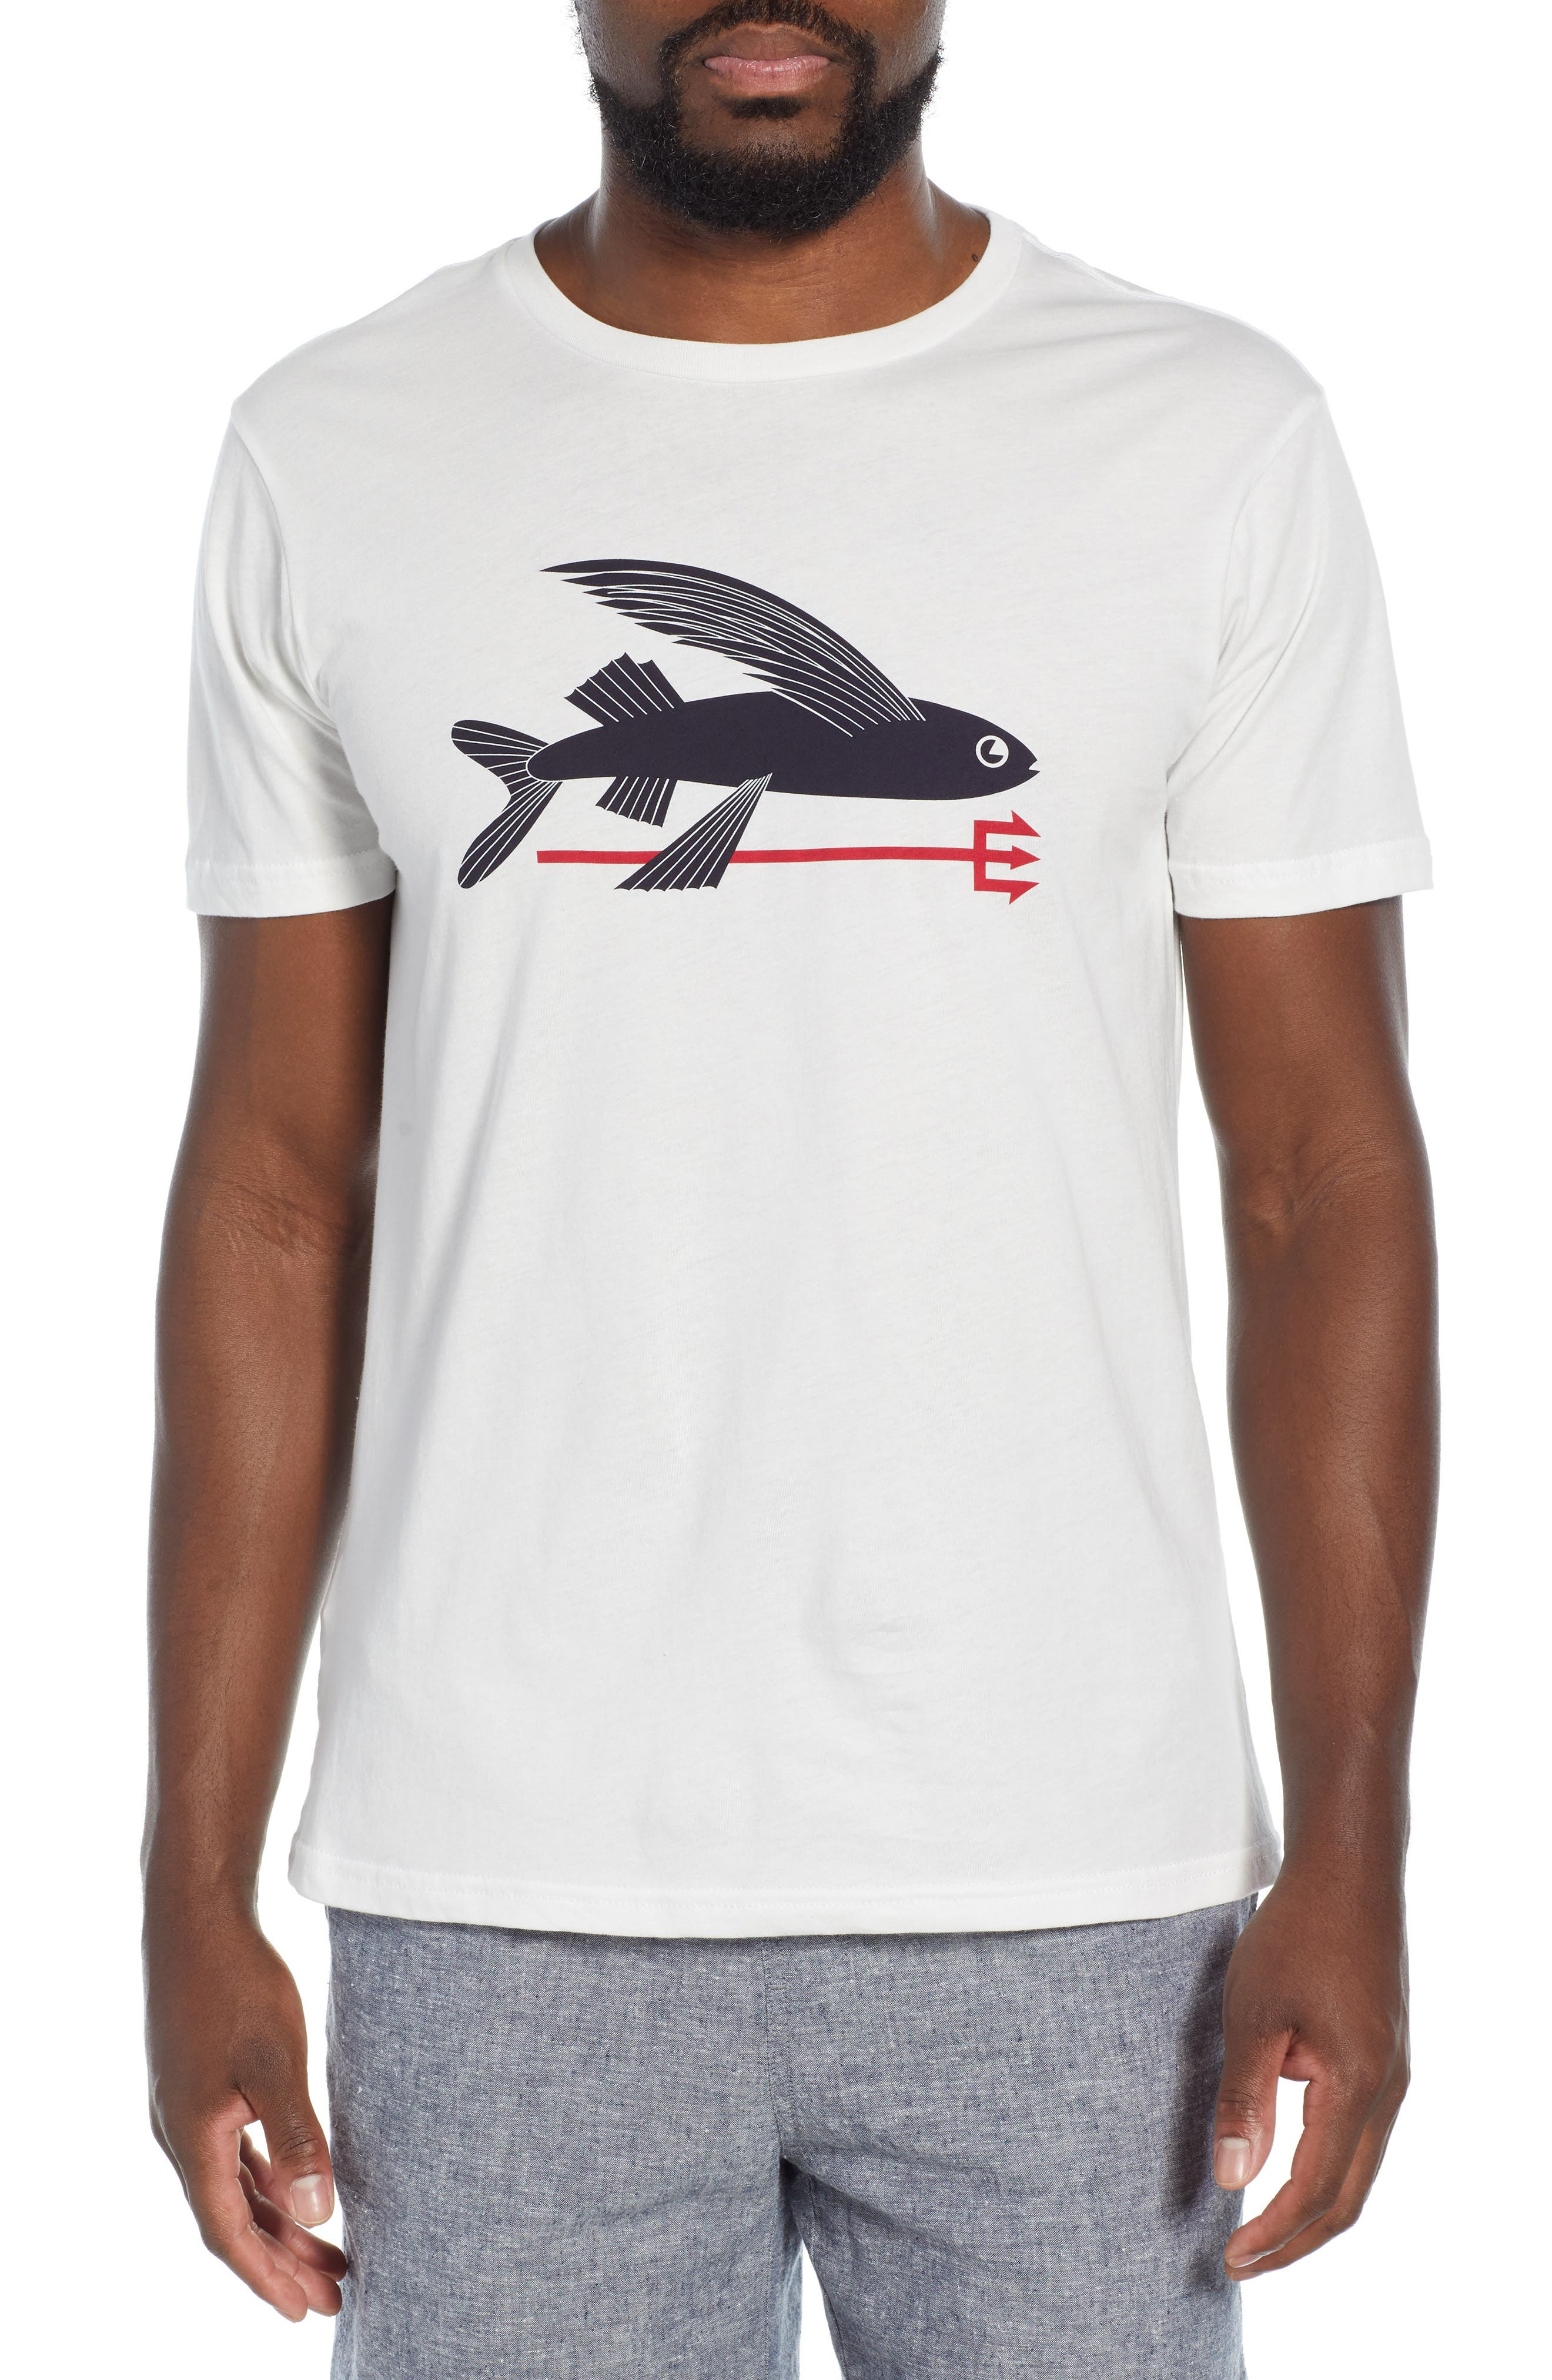 Patagonia Flying Fish Organic Cotton T-Shirt, White